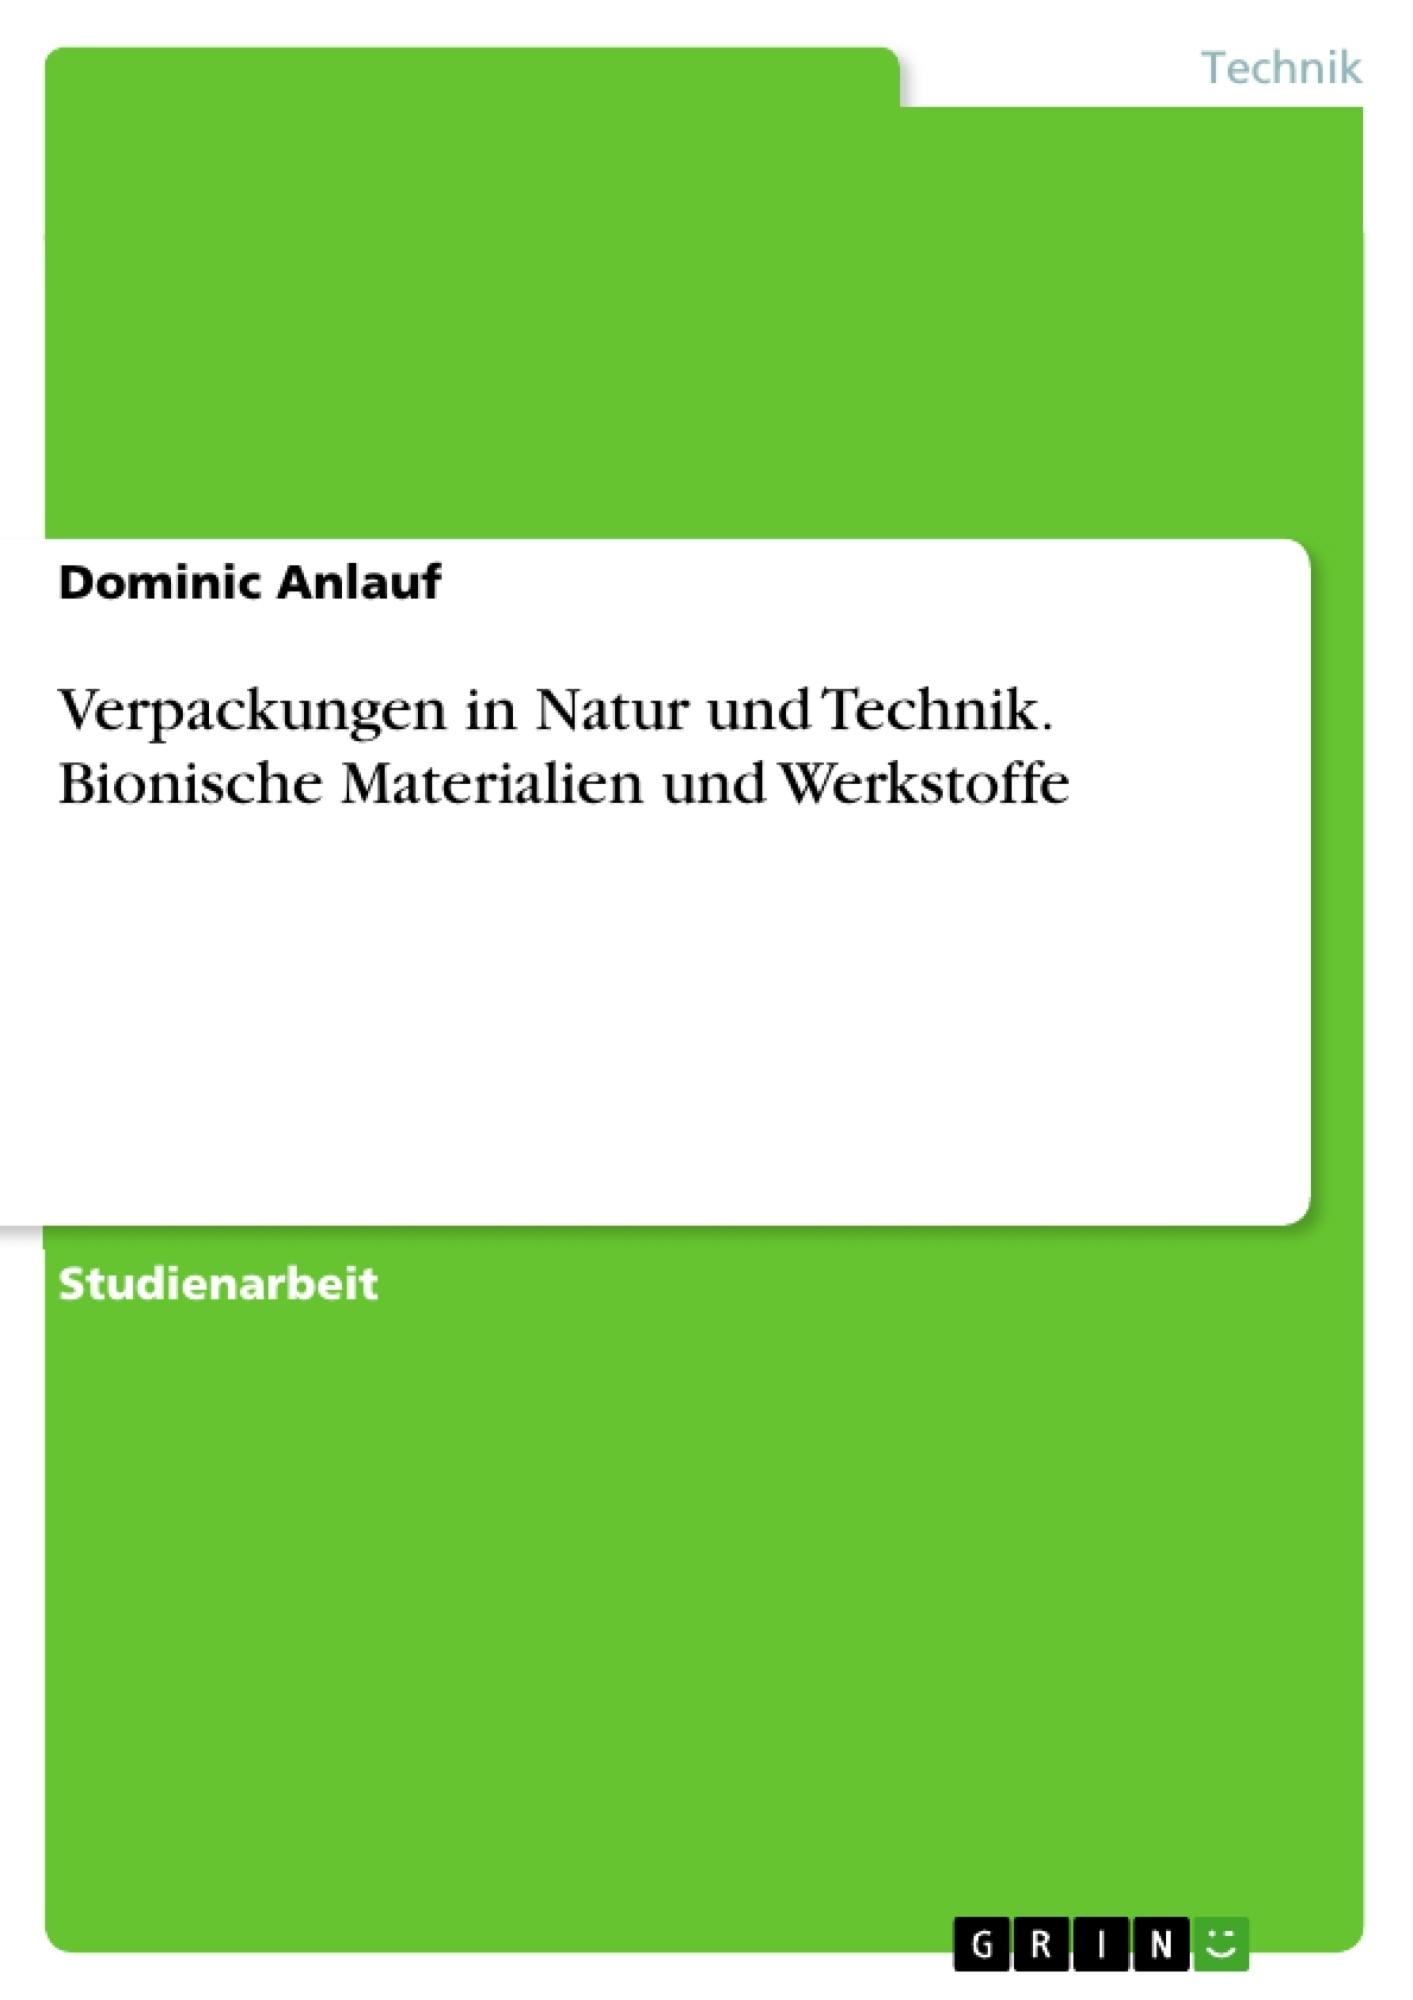 Titel: Verpackungen in Natur und Technik. Bionische Materialien und Werkstoffe